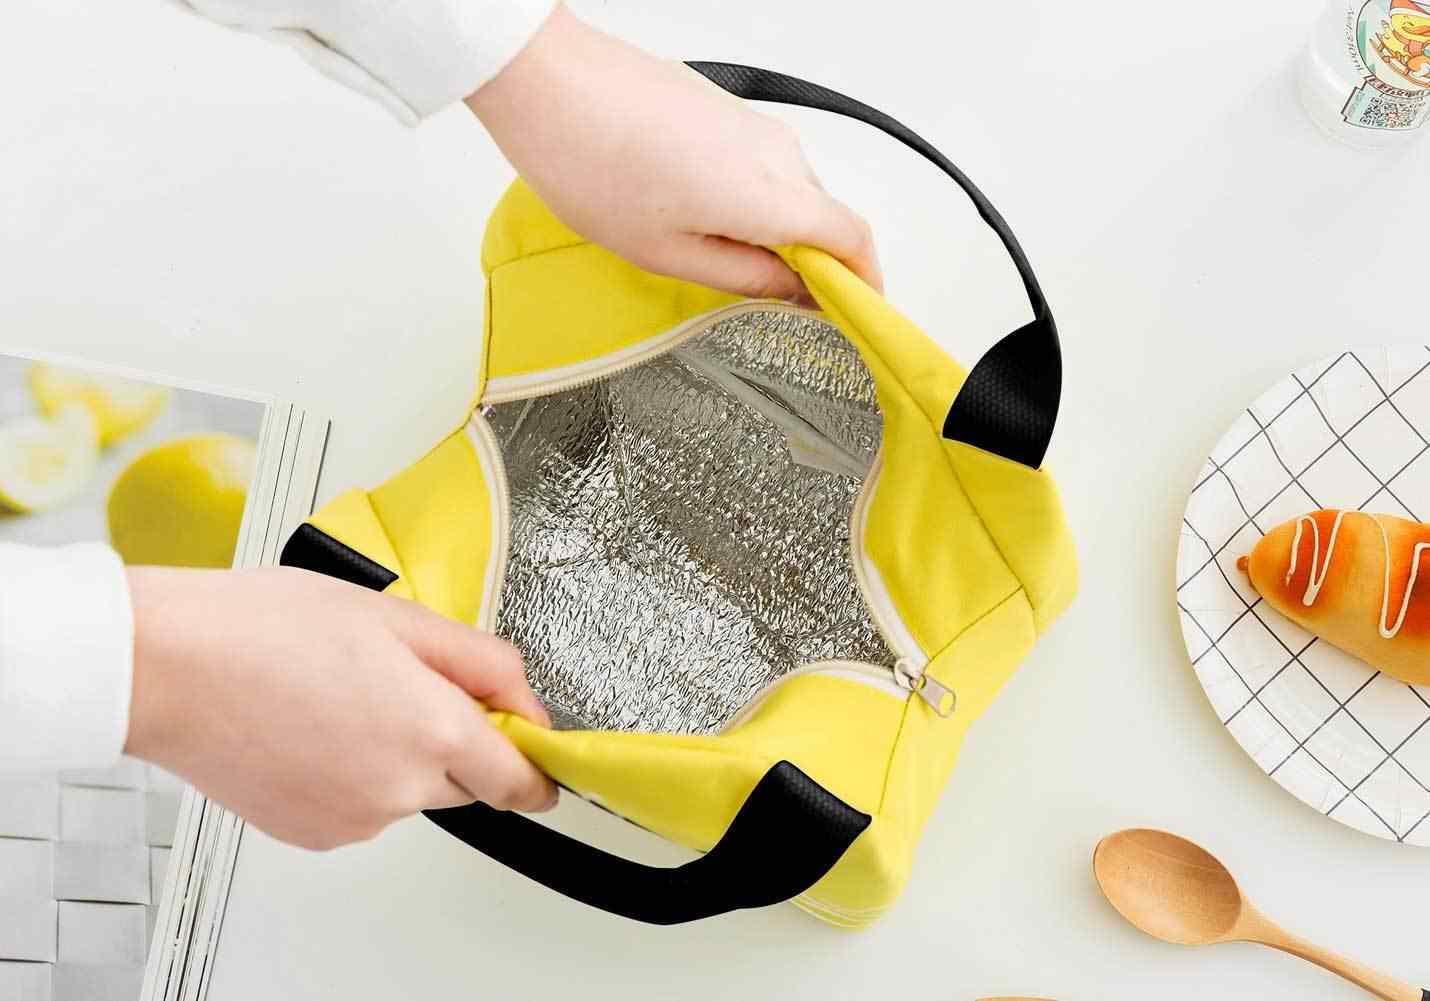 ポータブル絶縁熱クーラー弁当ランチピクニック収納袋ポーチランチバッグ